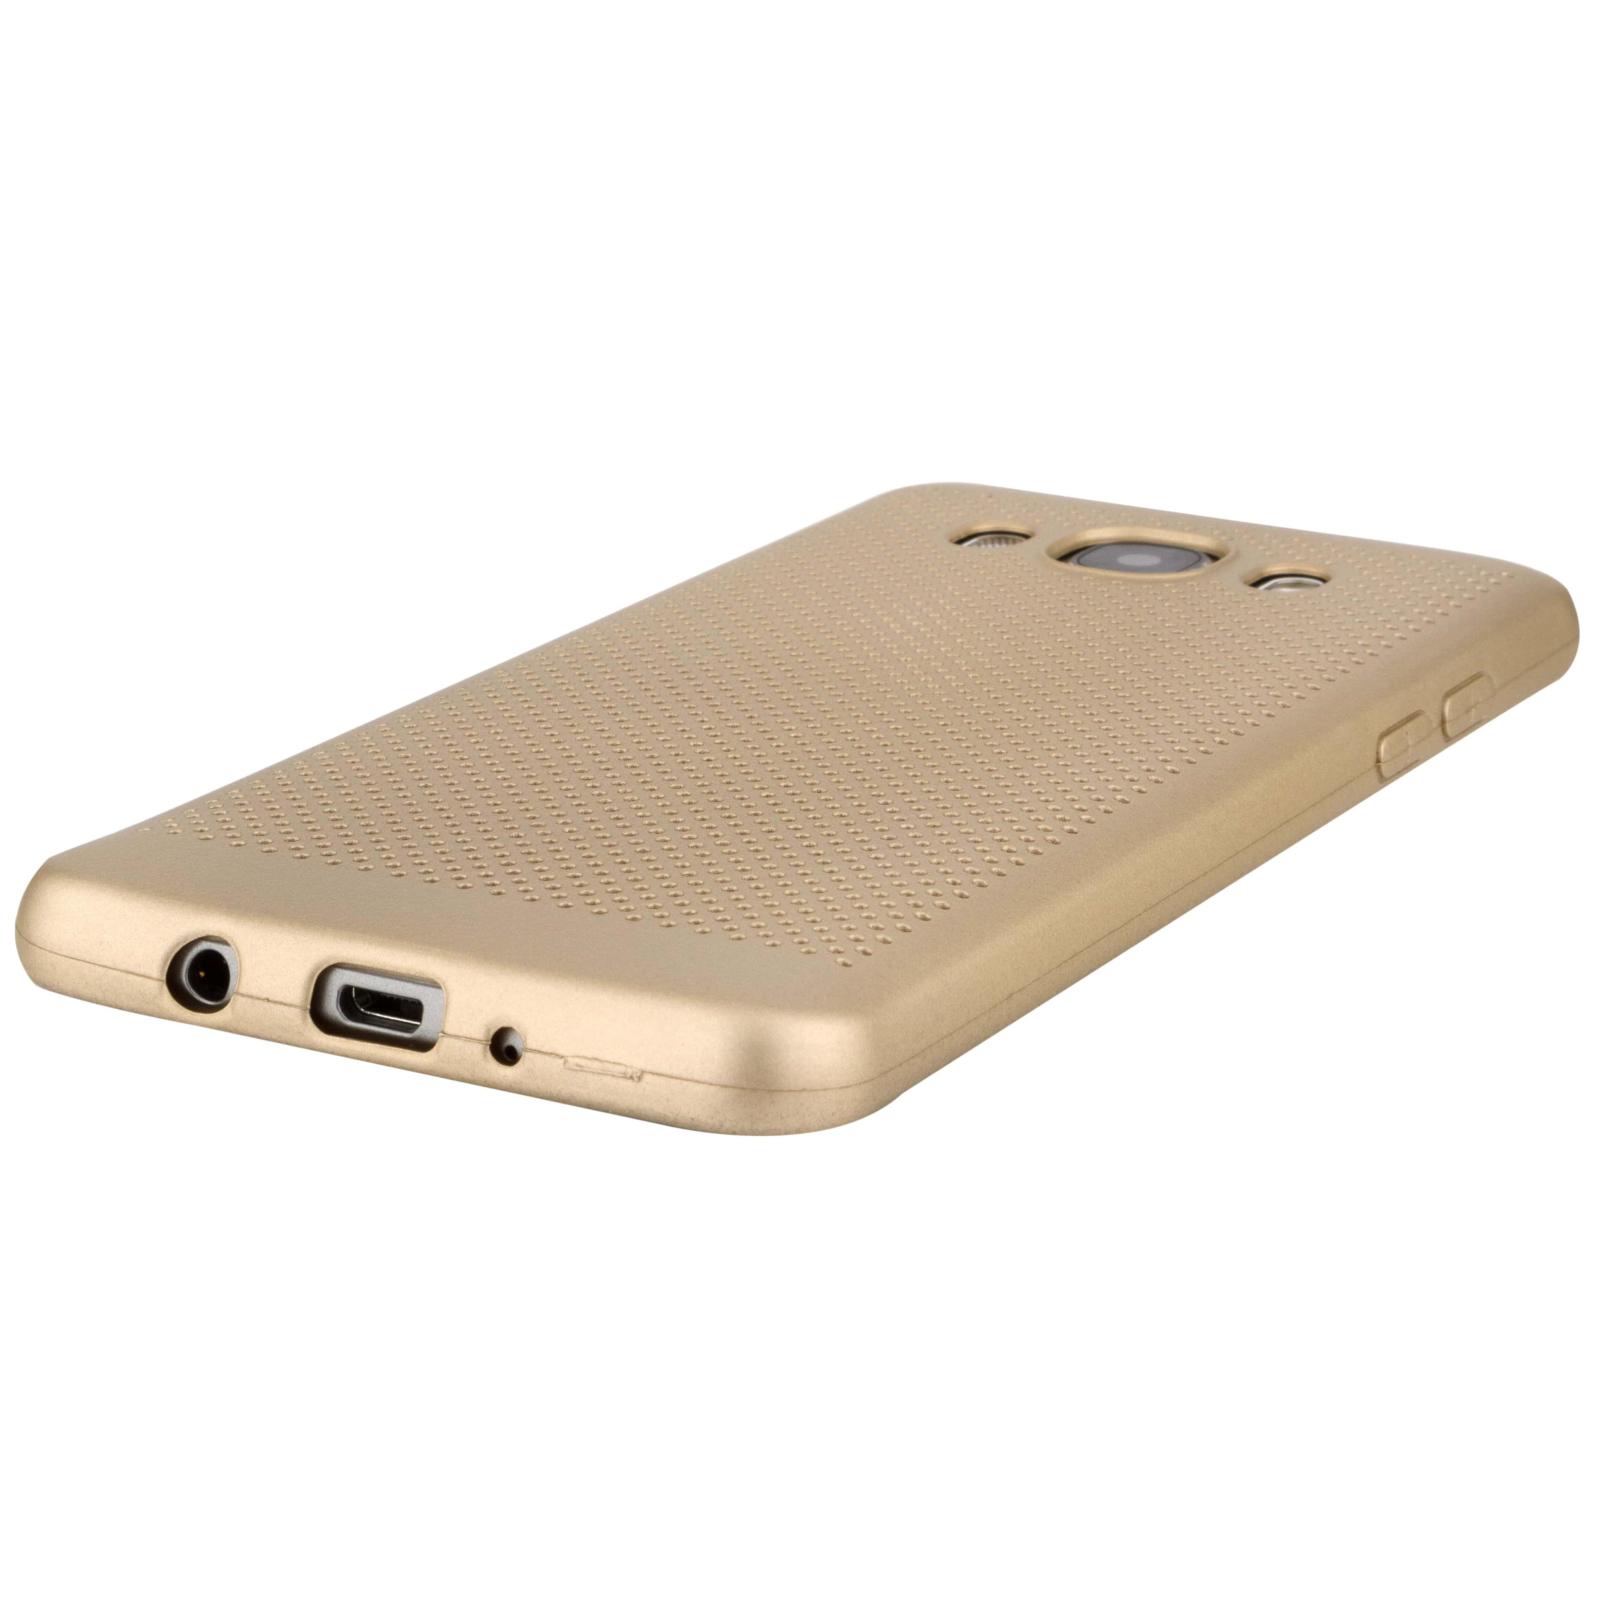 Чехол для моб. телефона MakeFuture Moon Case (TPU) для Samsung J5 2016 (J510) Gold (MCM-SJ510GD) изображение 3